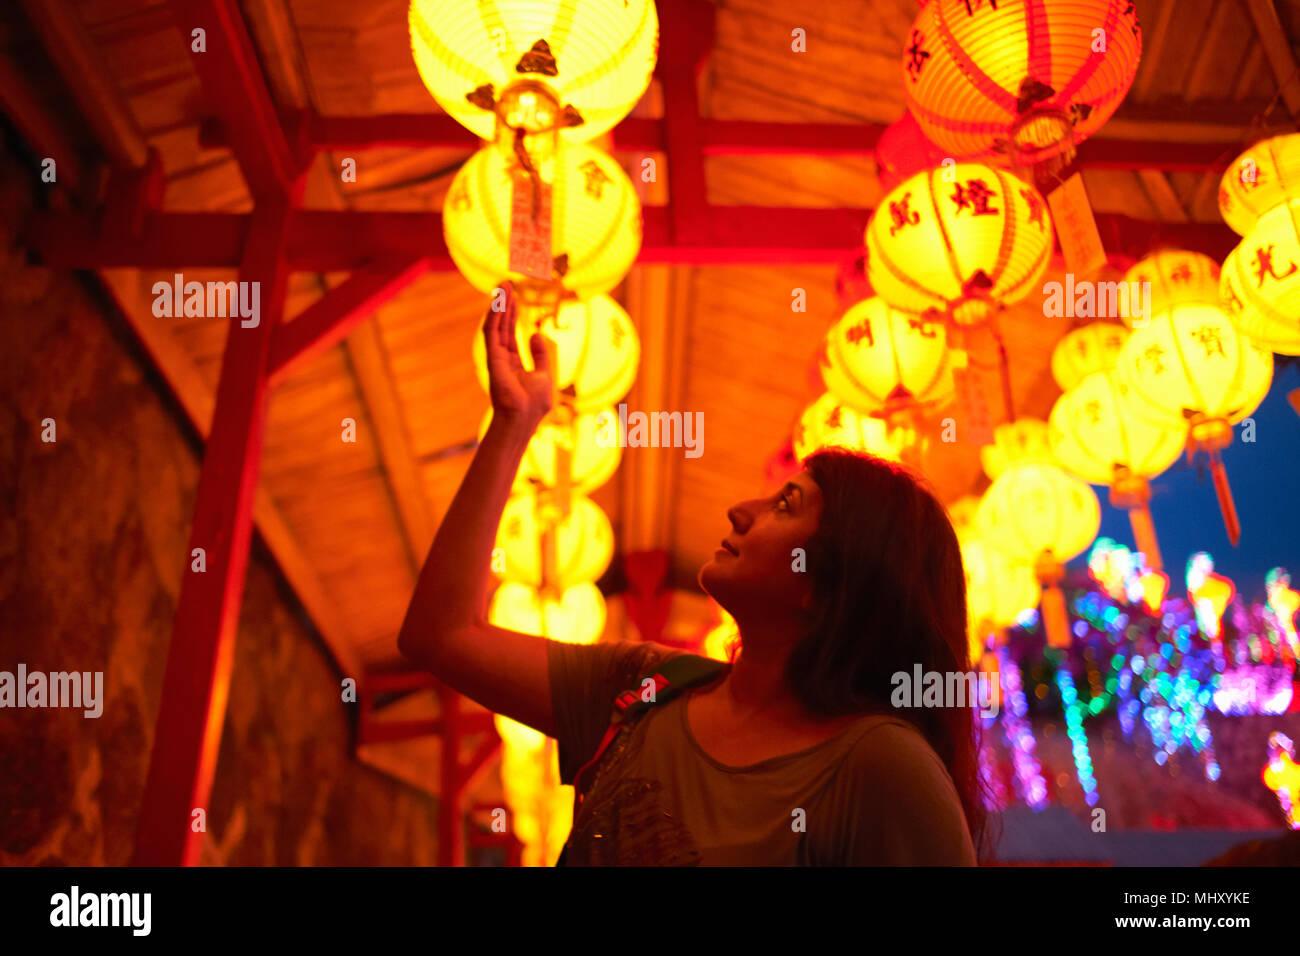 Lettura turistica benedizioni sulla lanterna cinese, Tempio di Kek Lok Si, Isola di Penang, Malaysia Immagini Stock